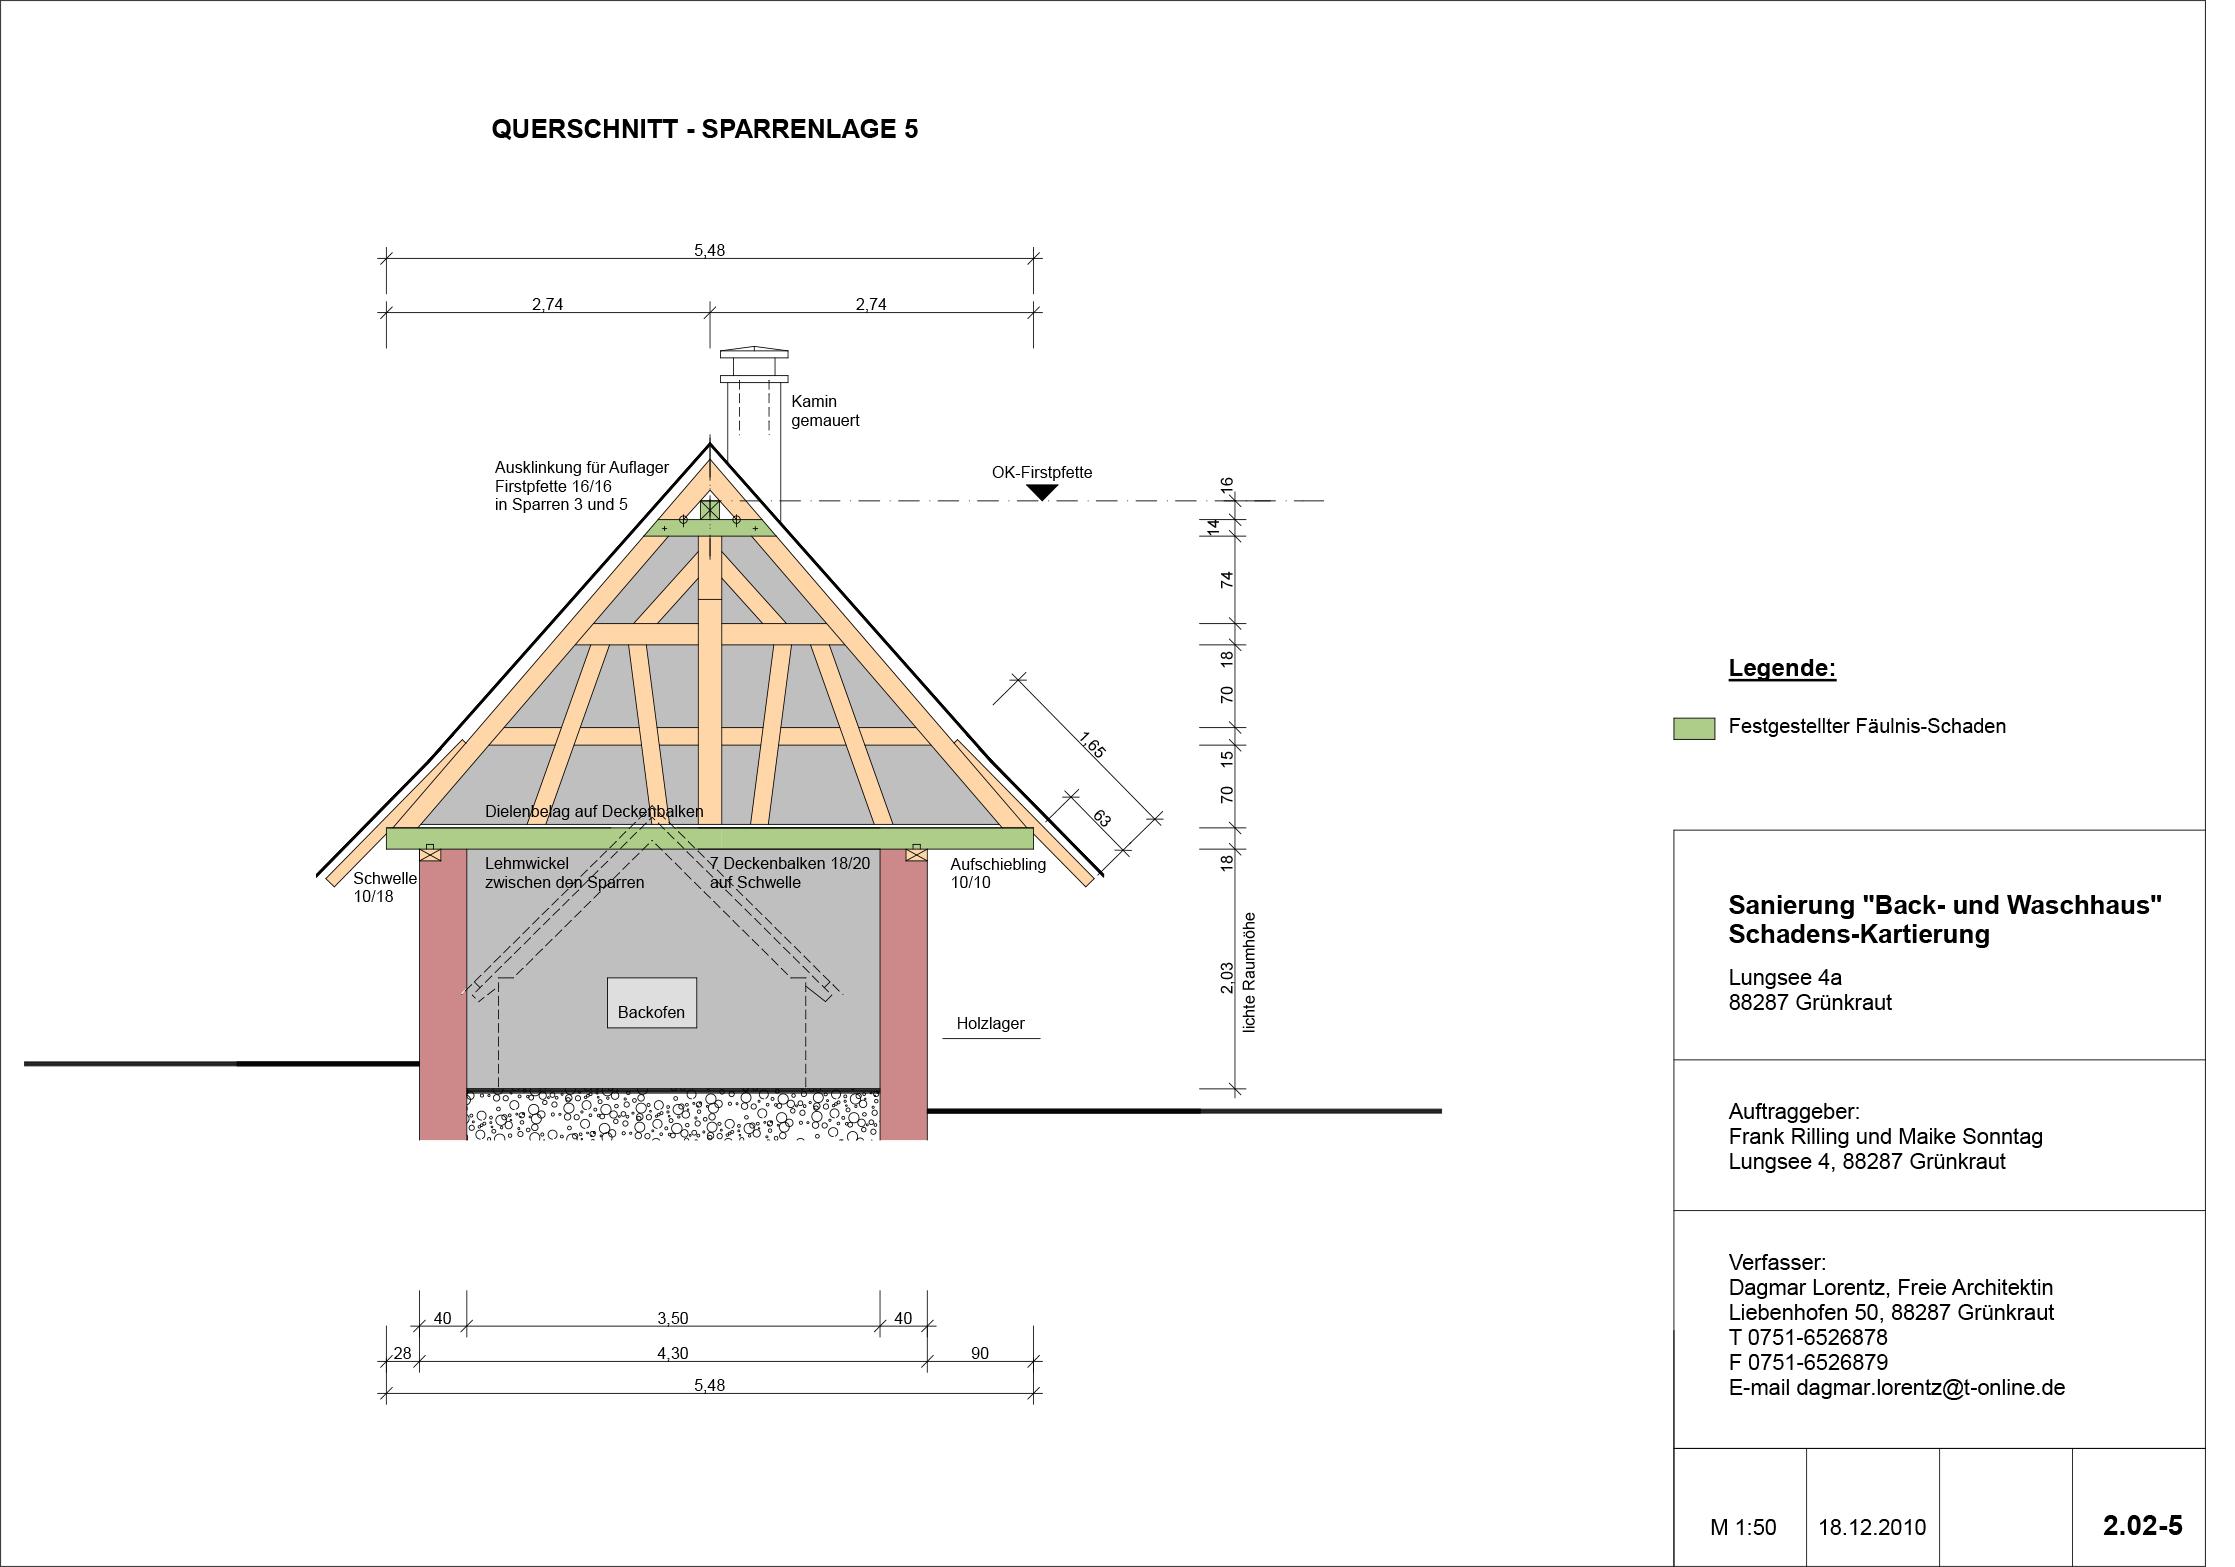 Backhaus Lungsee, Querschnitt Sparrenlage